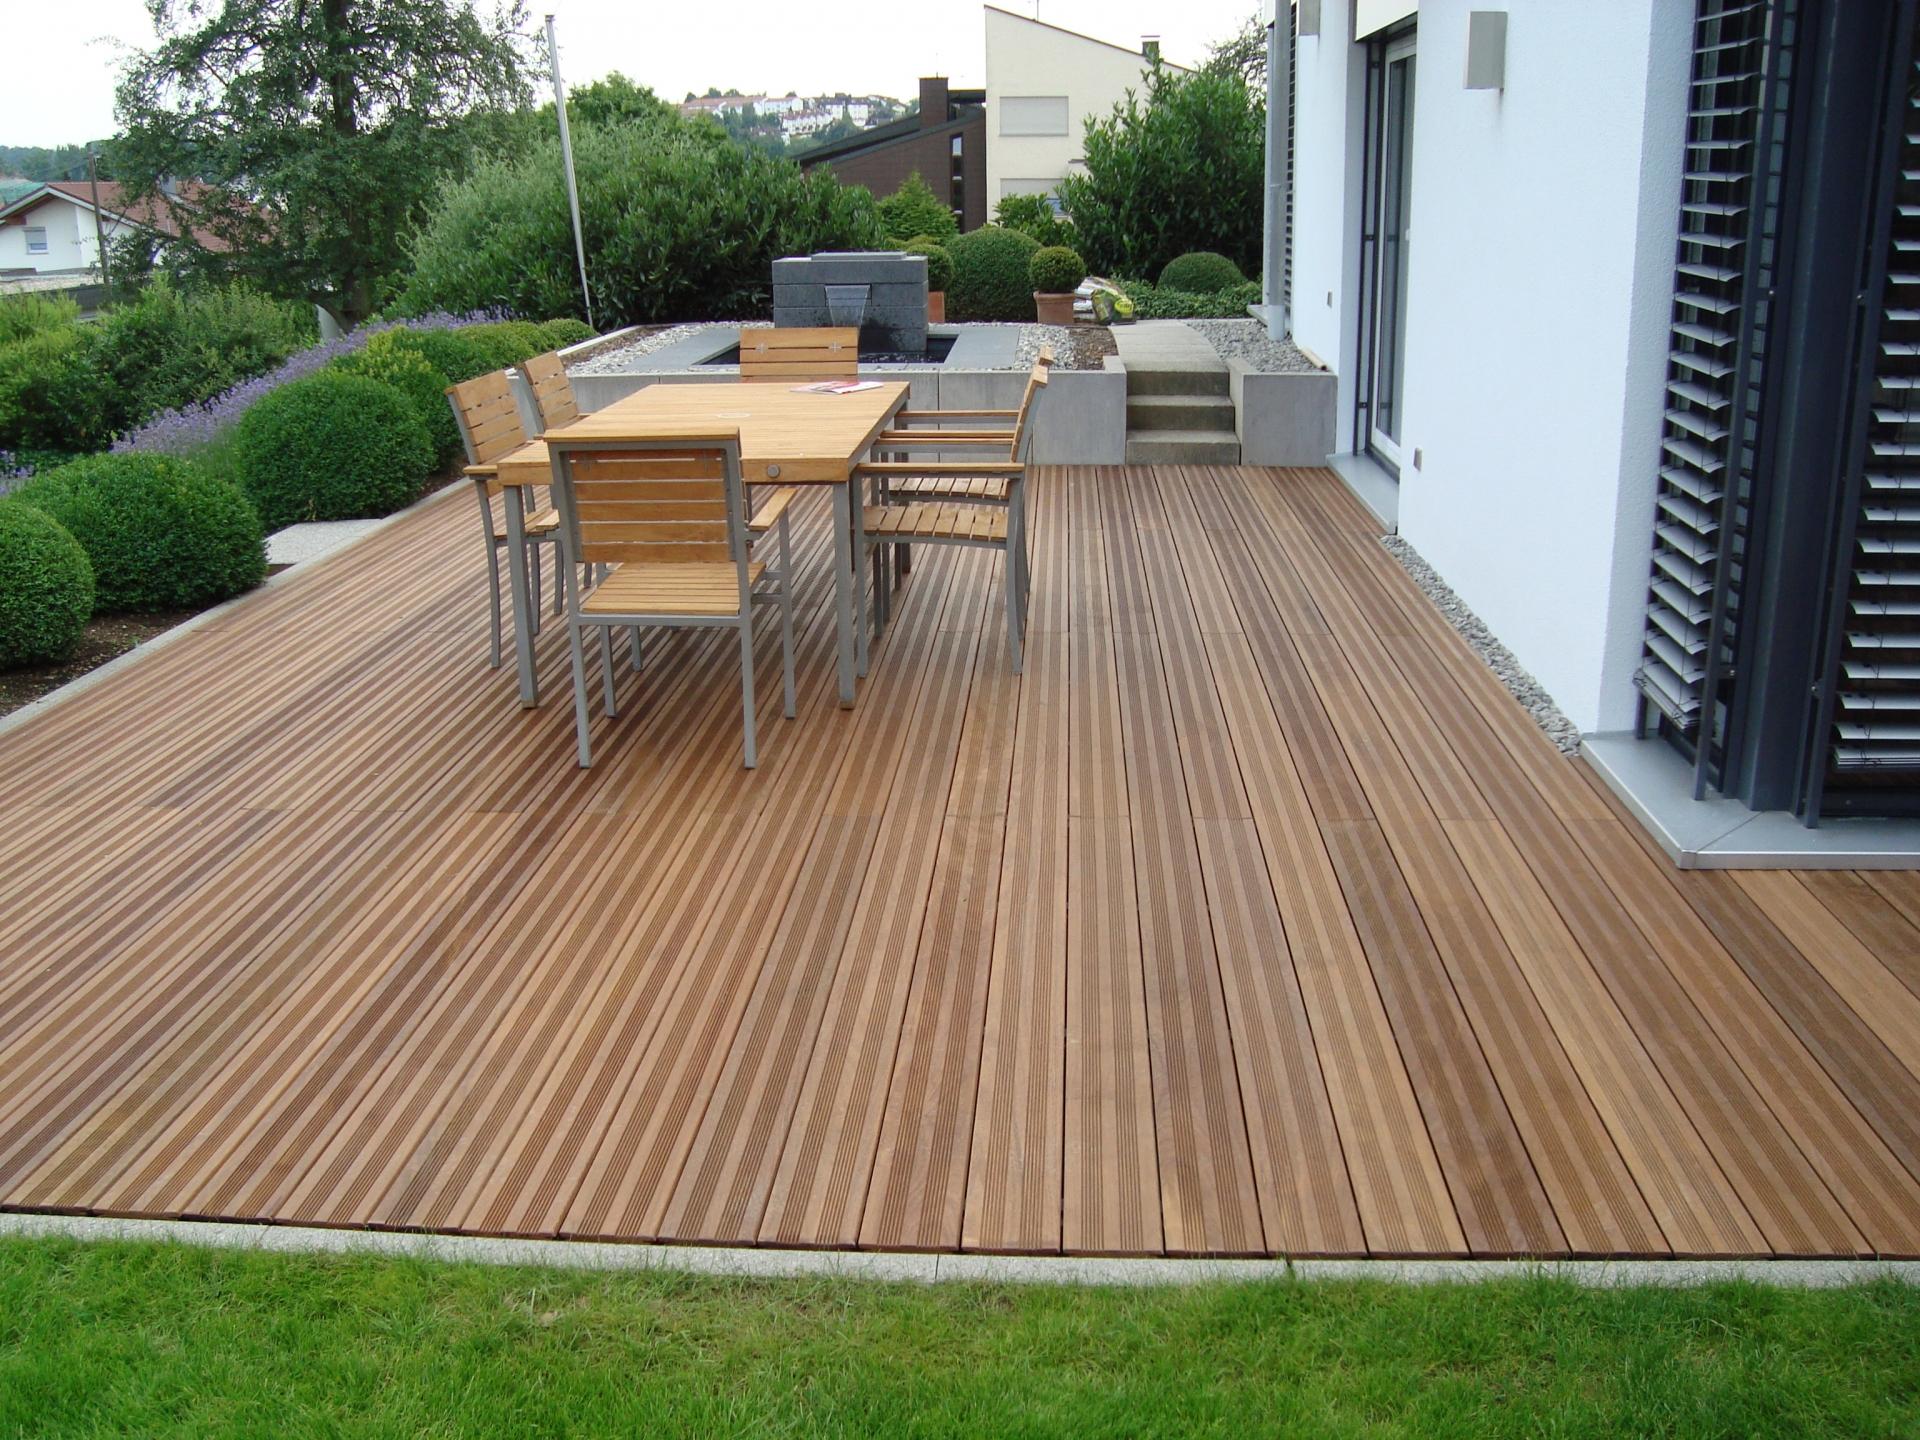 Luxus Gartengestaltung Mit Holz Ideen